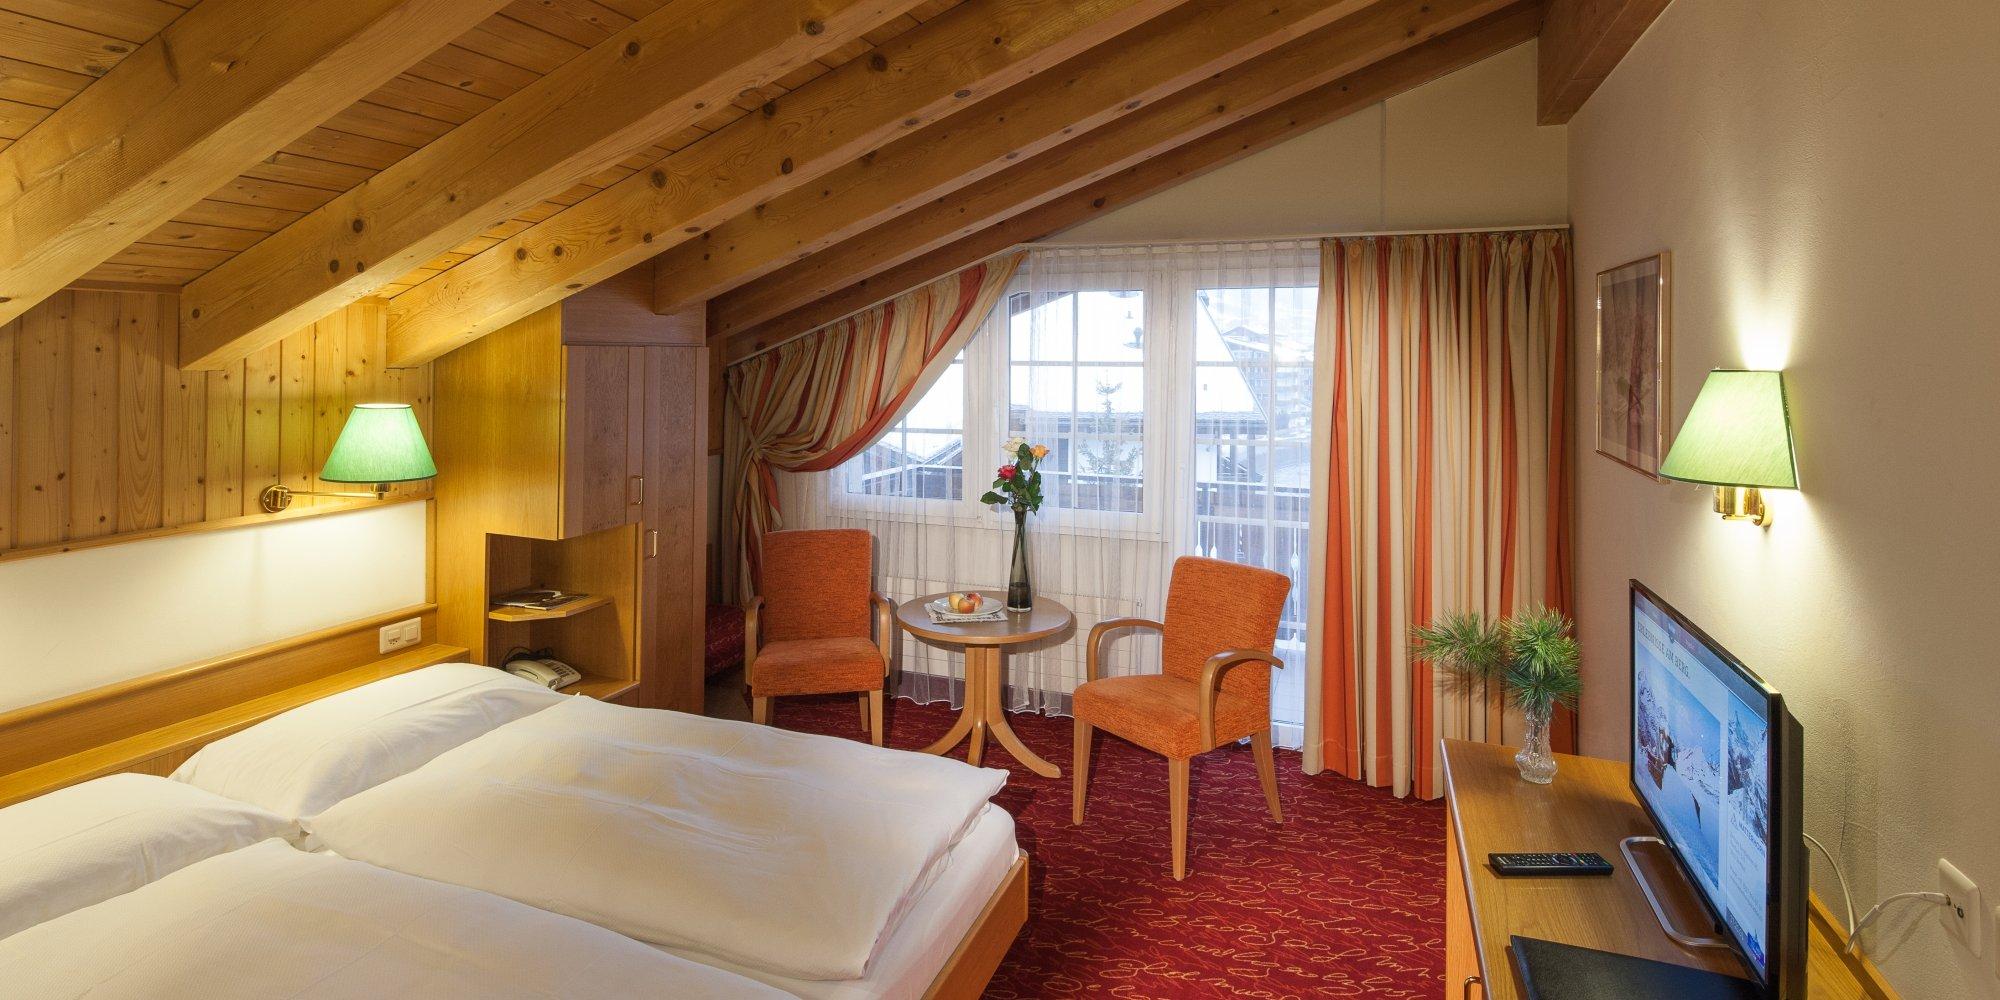 Ferien In Zermatt Ski Snowboard Sunnegga Hotel Cheminée Zermatt